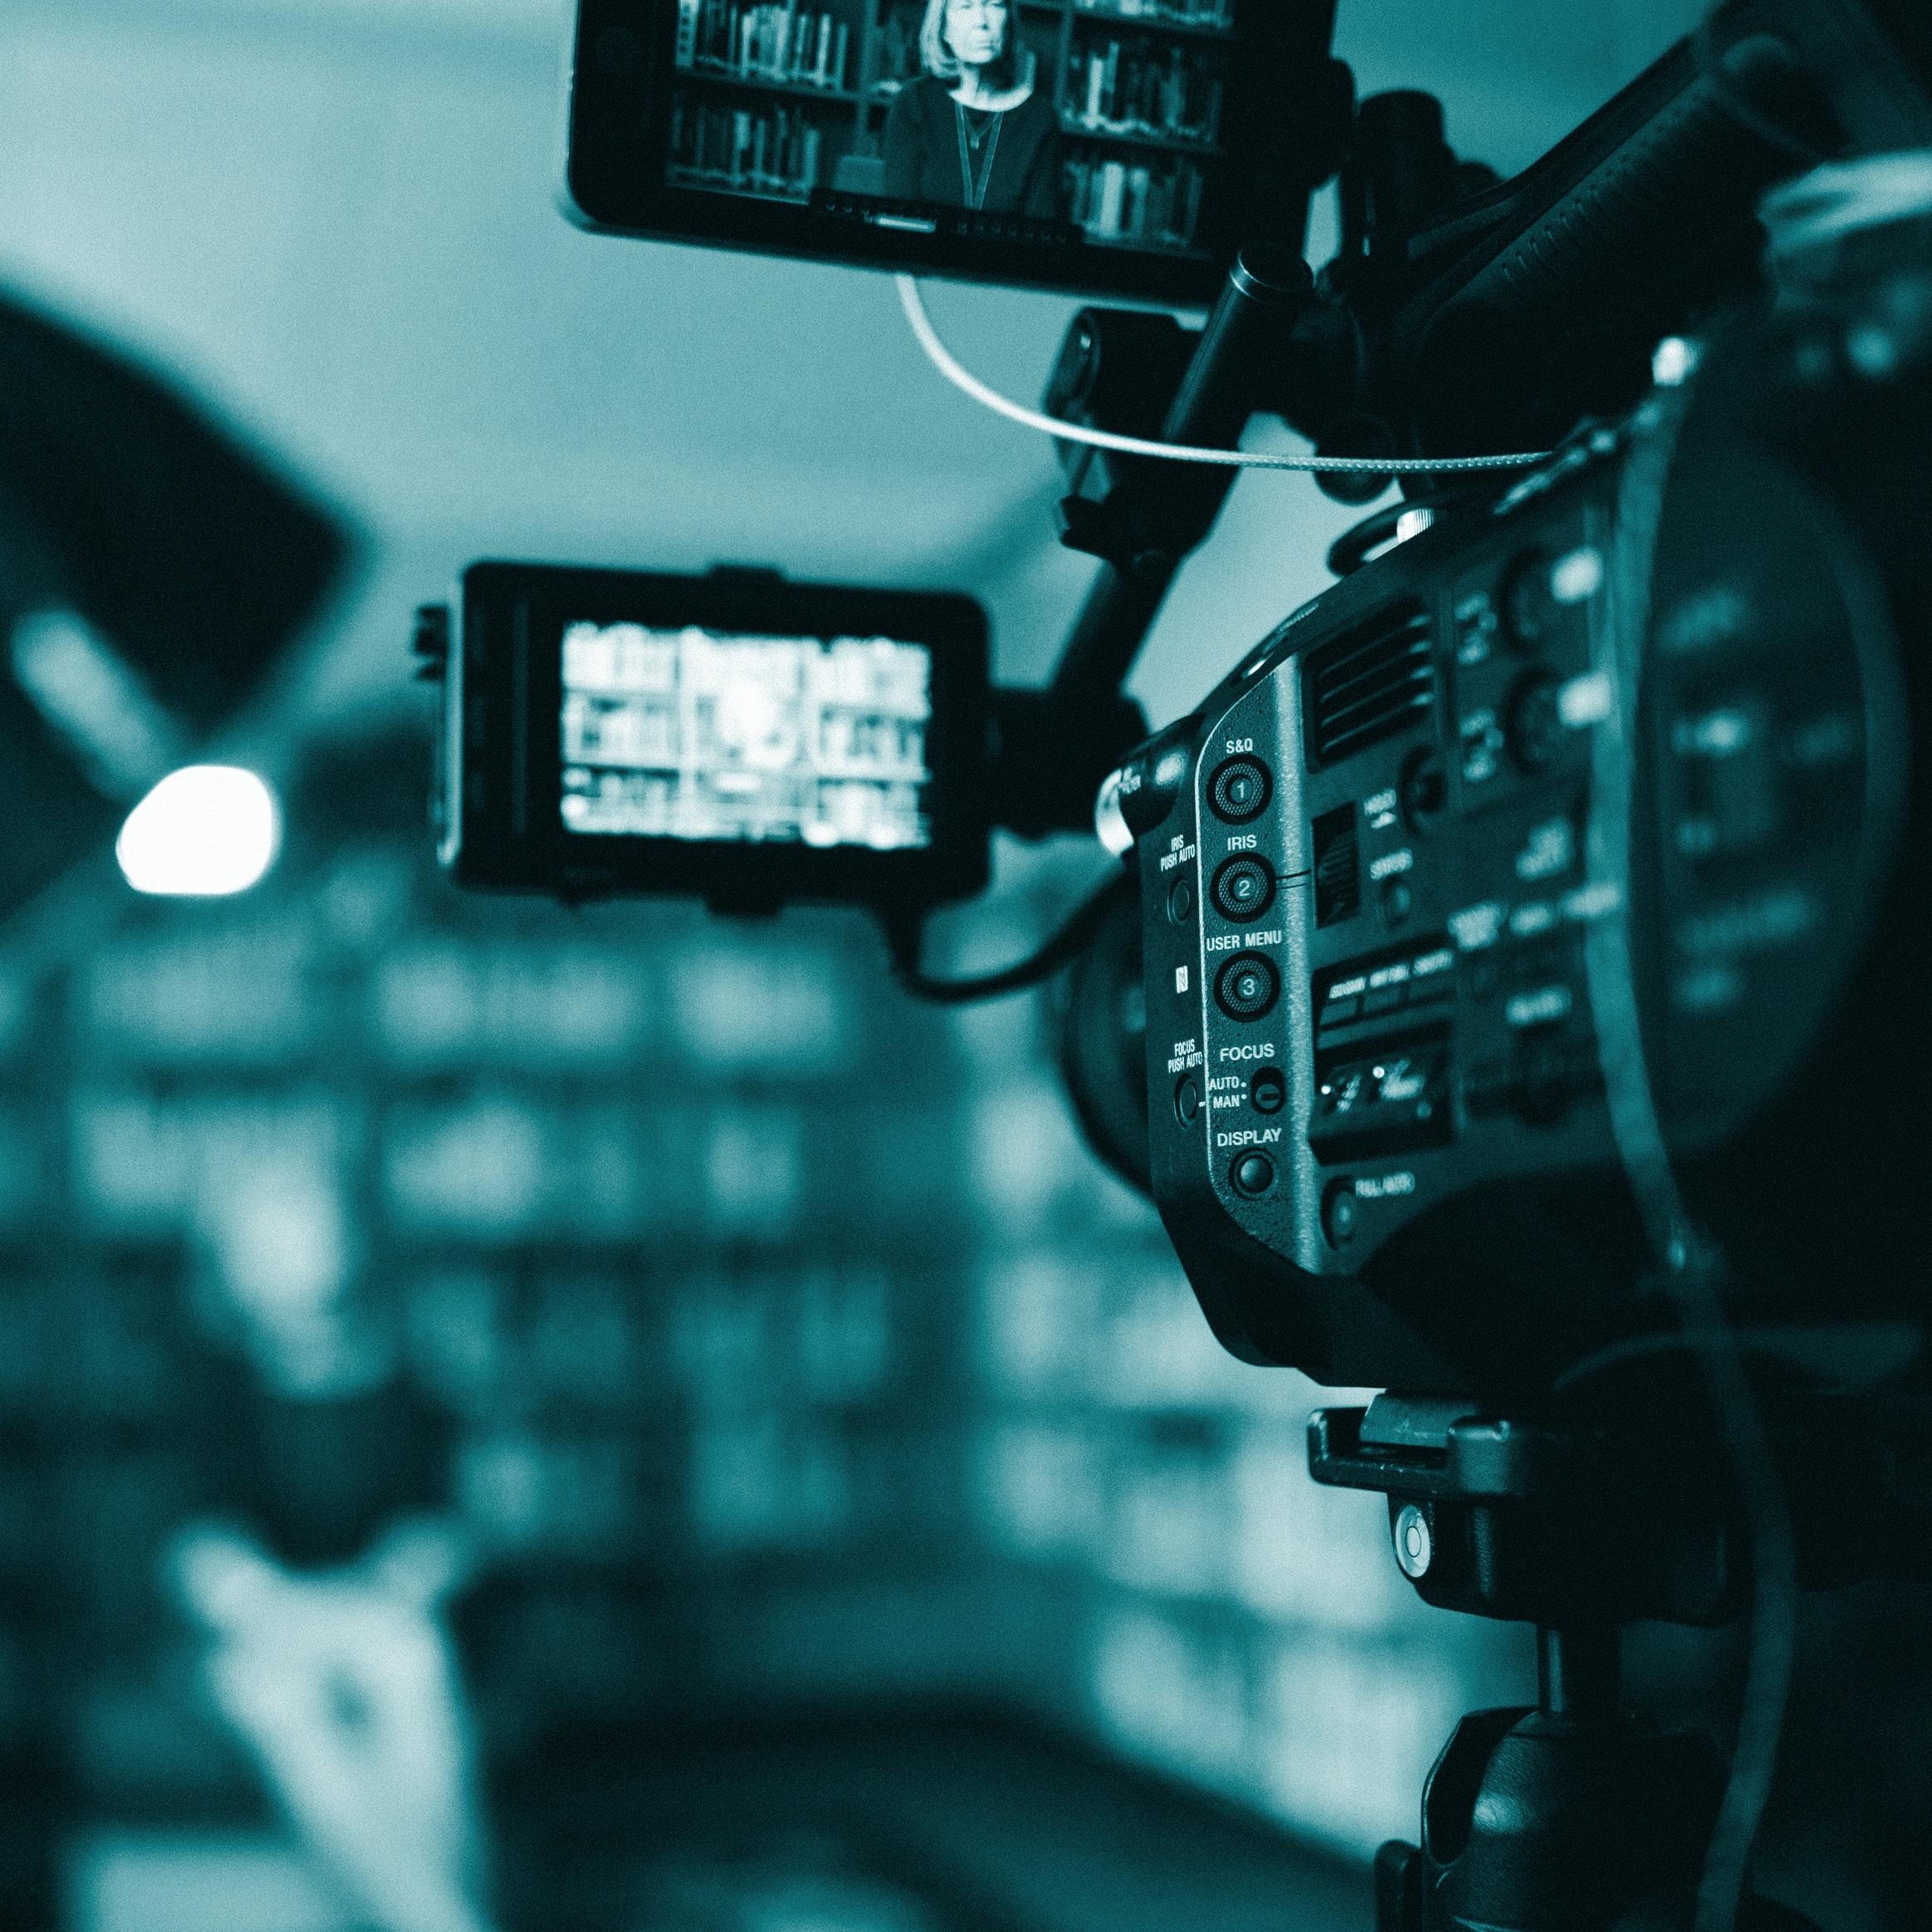 Cut the chase - Vroeger werd Cut to the Chase gebruikt wanneer er binnen de verhaallijn werd gesneden naar de achtervolgingsscene in de film. Kortom, naar het onthullende onderdeel van het verhaal.De chase in míjn verhaal, oftewel het onthullende onderdeel van mijn leven, is mijn videoproductiebedrijf Cut the Chase media.